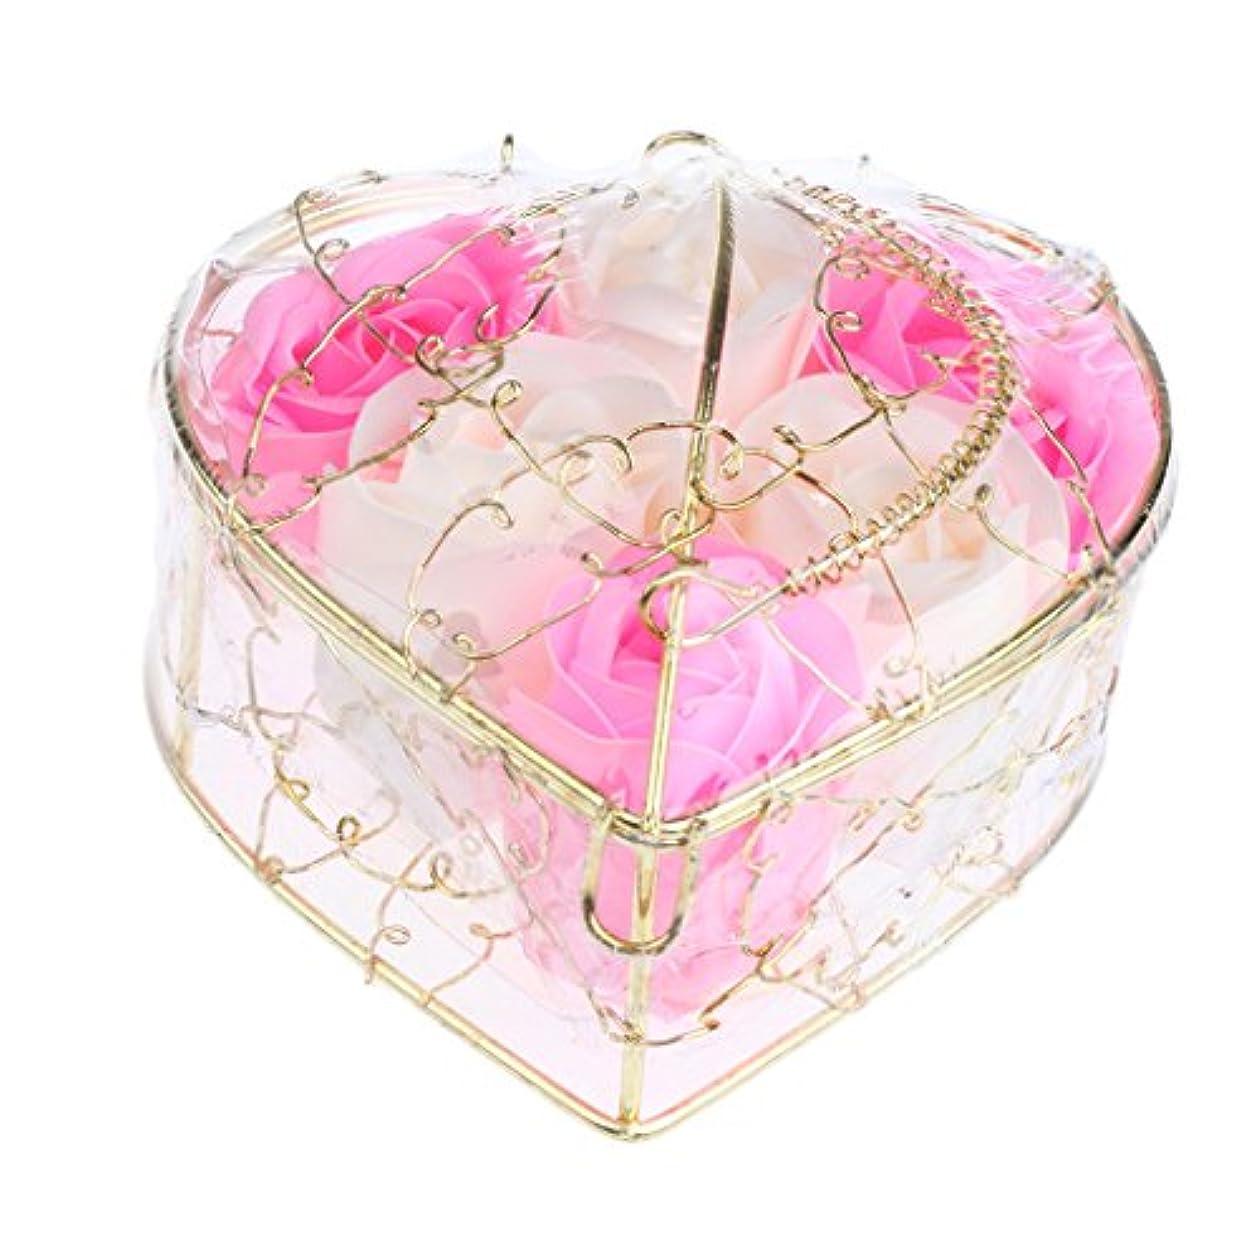 ニッケル噴火回答IPOTCH 6個 ソープフラワー 石鹸花 造花 バラ フラワー ギフトボックス 誕生日 母の日 記念日 先生の日 プレゼント 全5仕様選べる - ピンクとホワイト